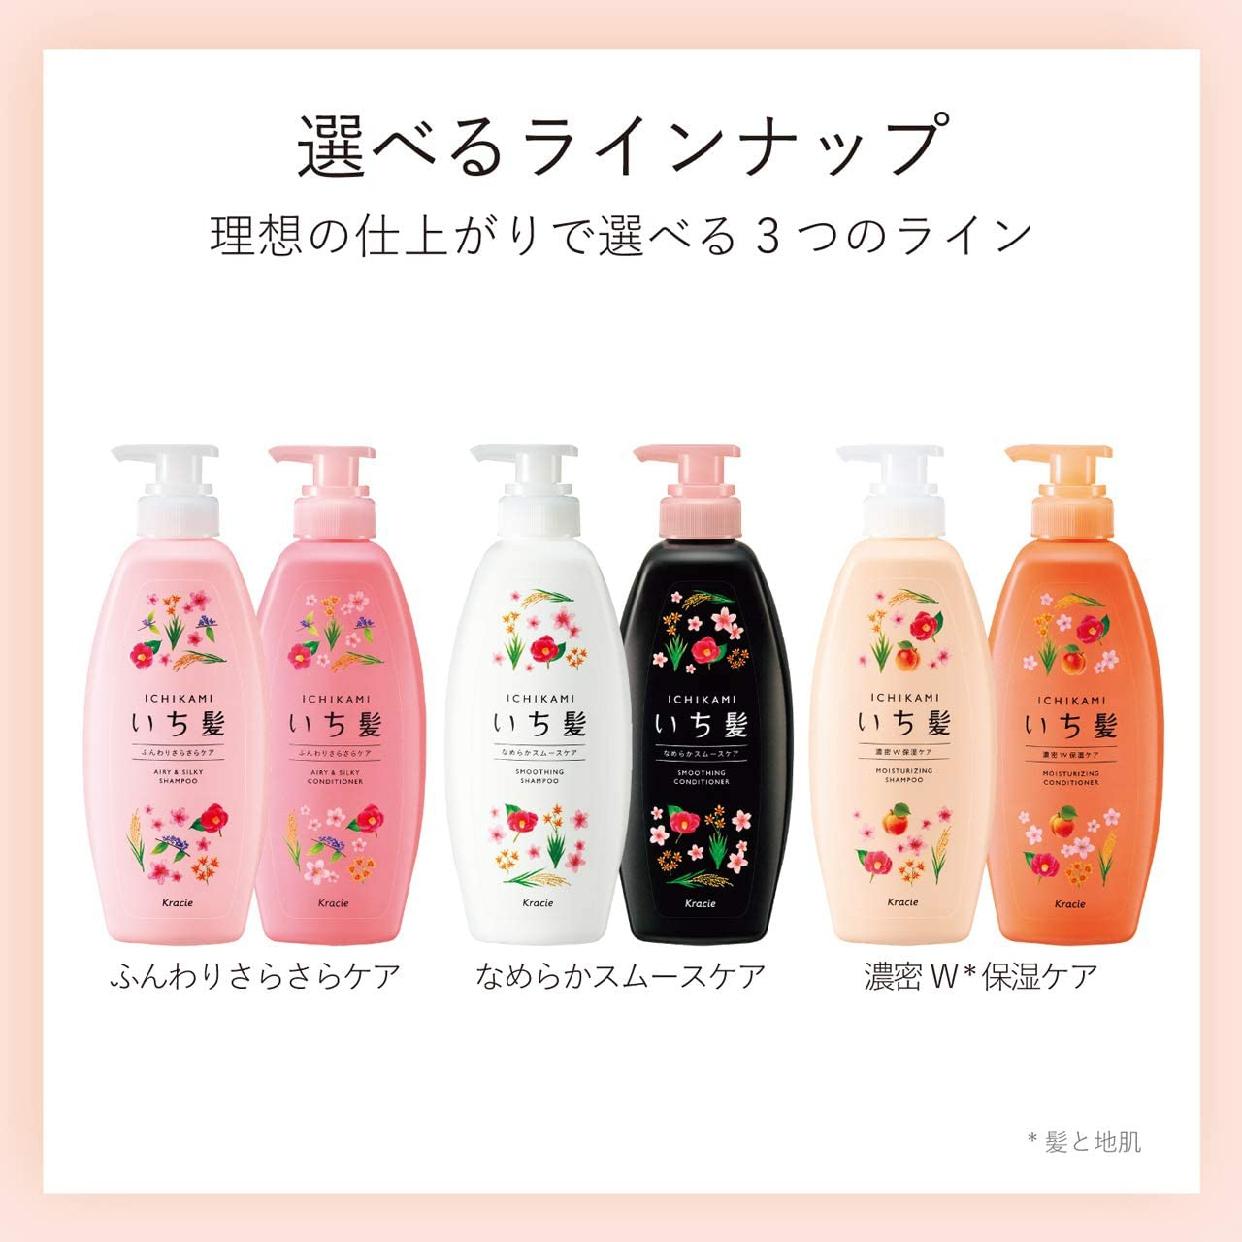 いち髪(ICHIKAMI) 濃密W保湿ケア シャンプーの商品画像9